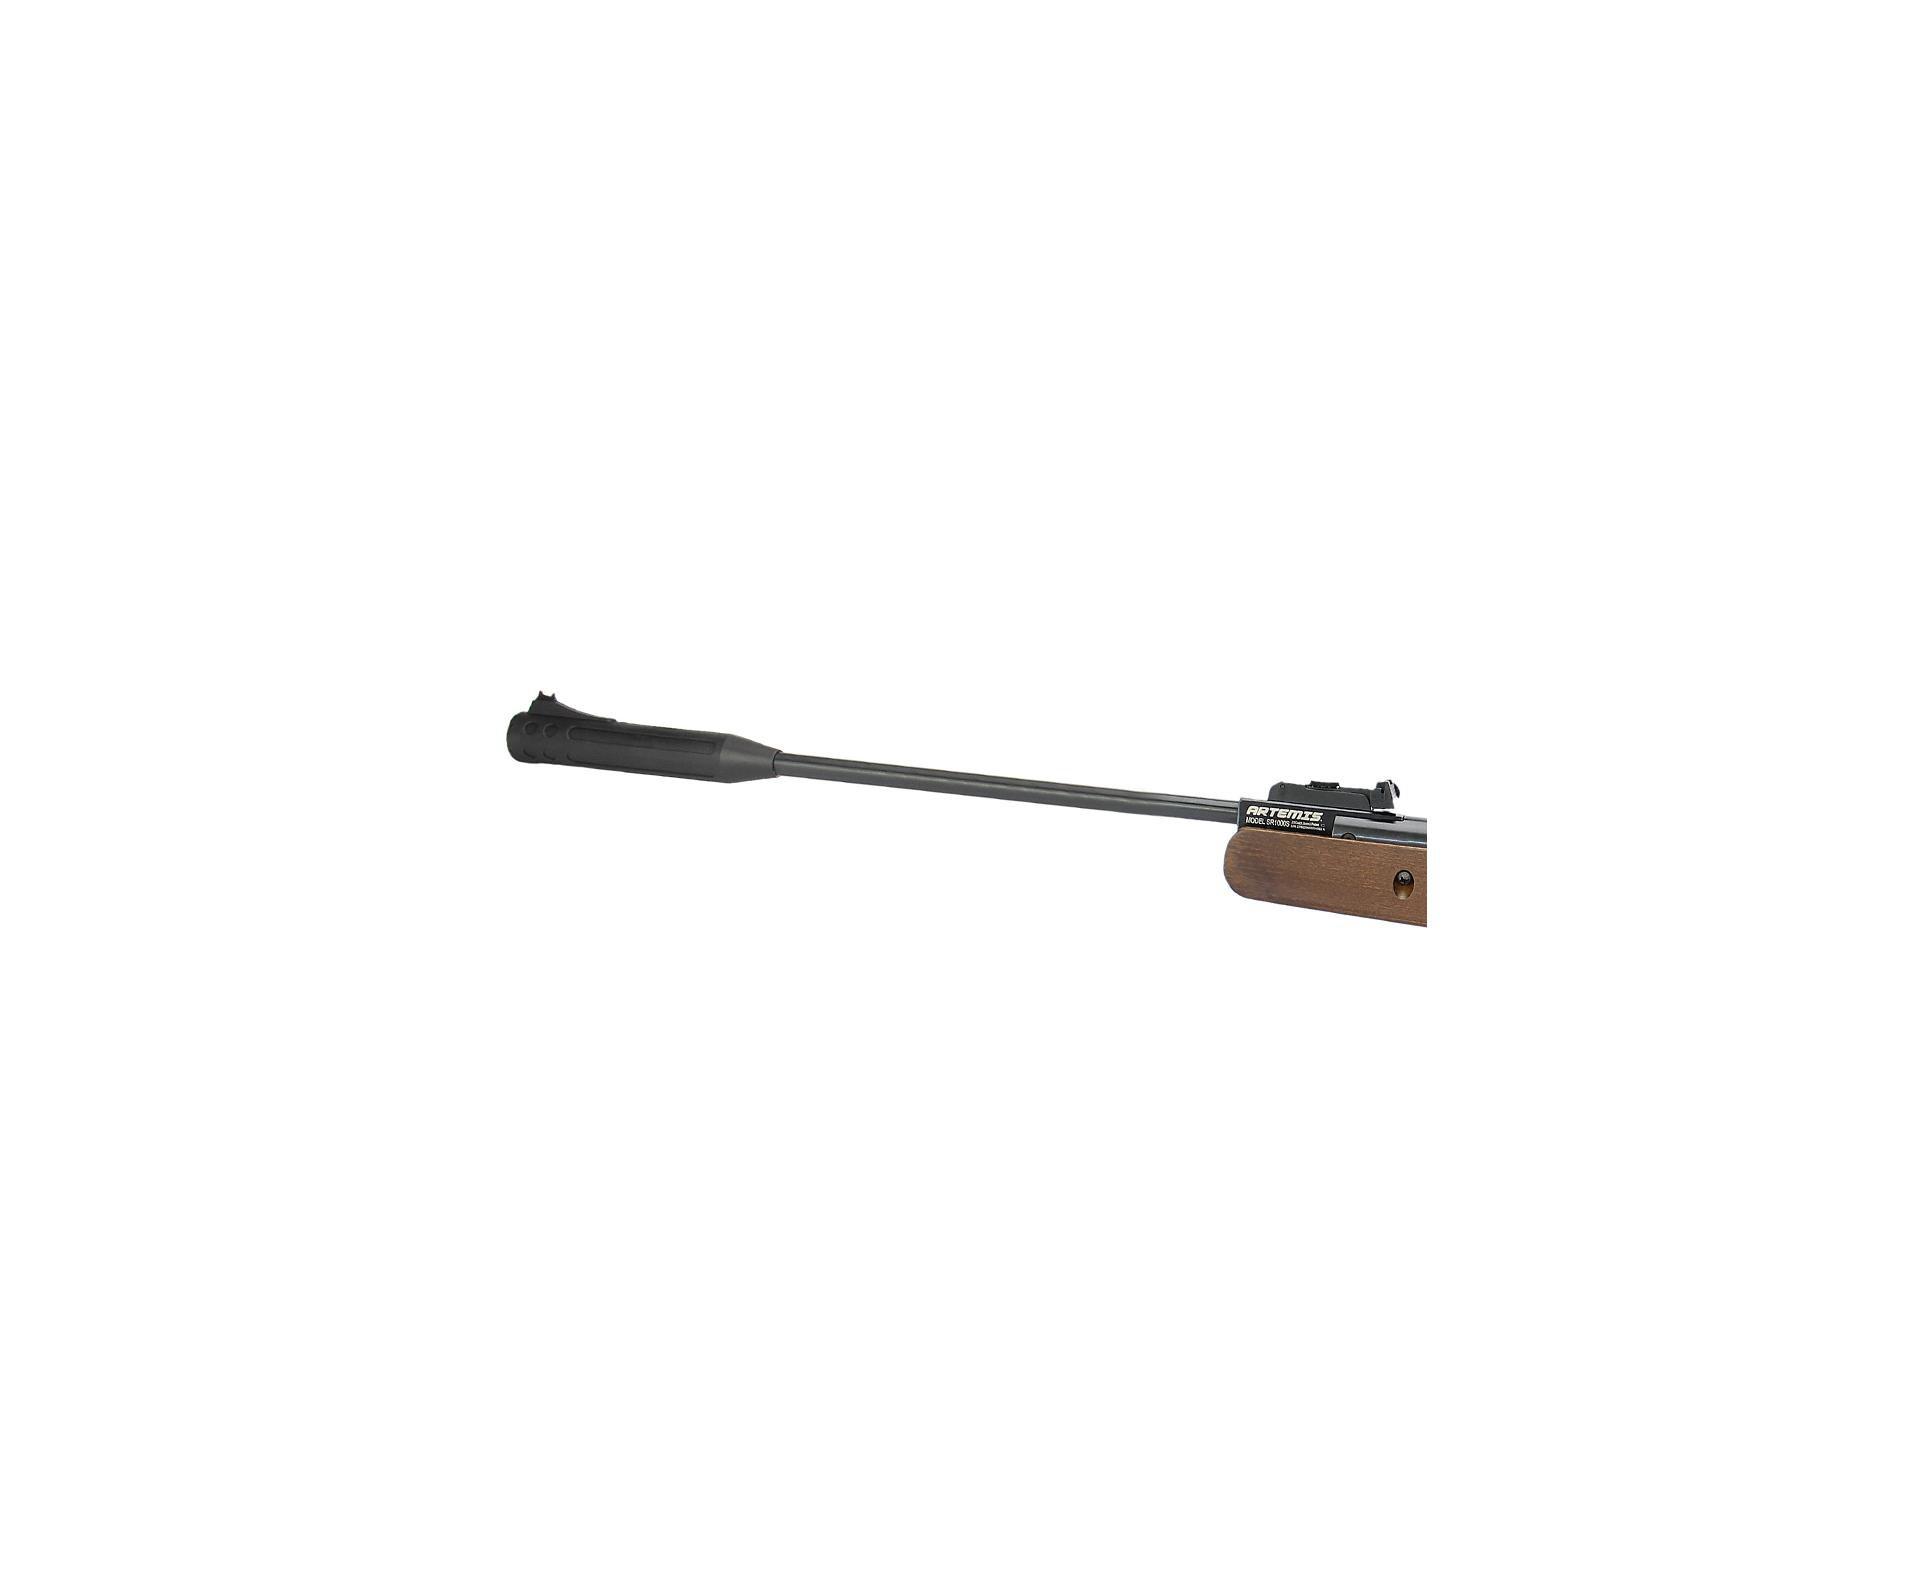 Carabina De Pressão Black Hawk Wood Edition Gas Ram 70kg 5.5mm Artemis